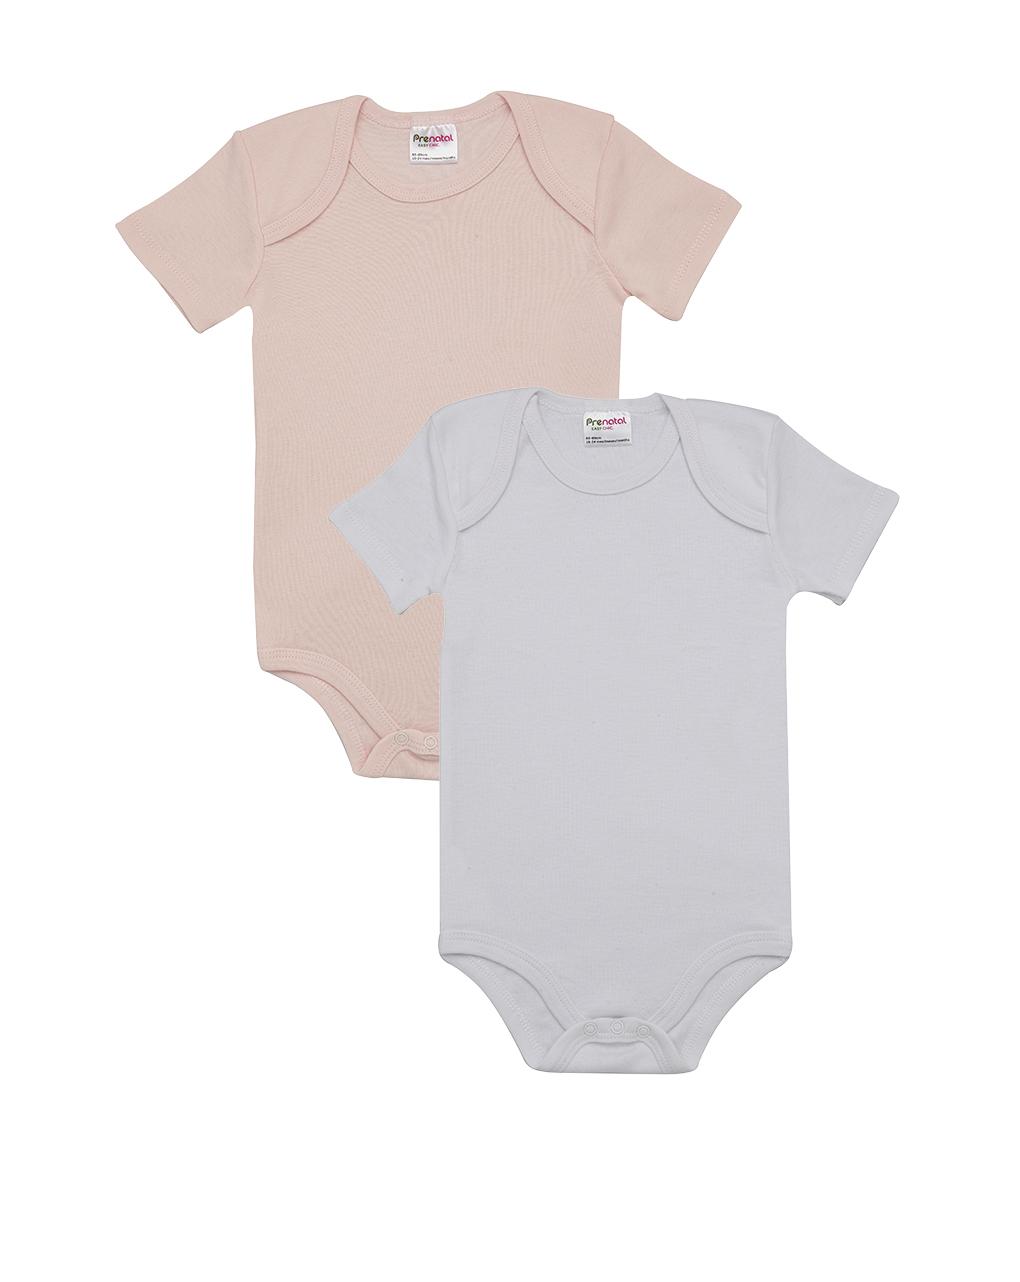 Κορμάκια Κοντομάνικα Πακέτο Χ2 Λευκό/Ροζ για Κορίτσι